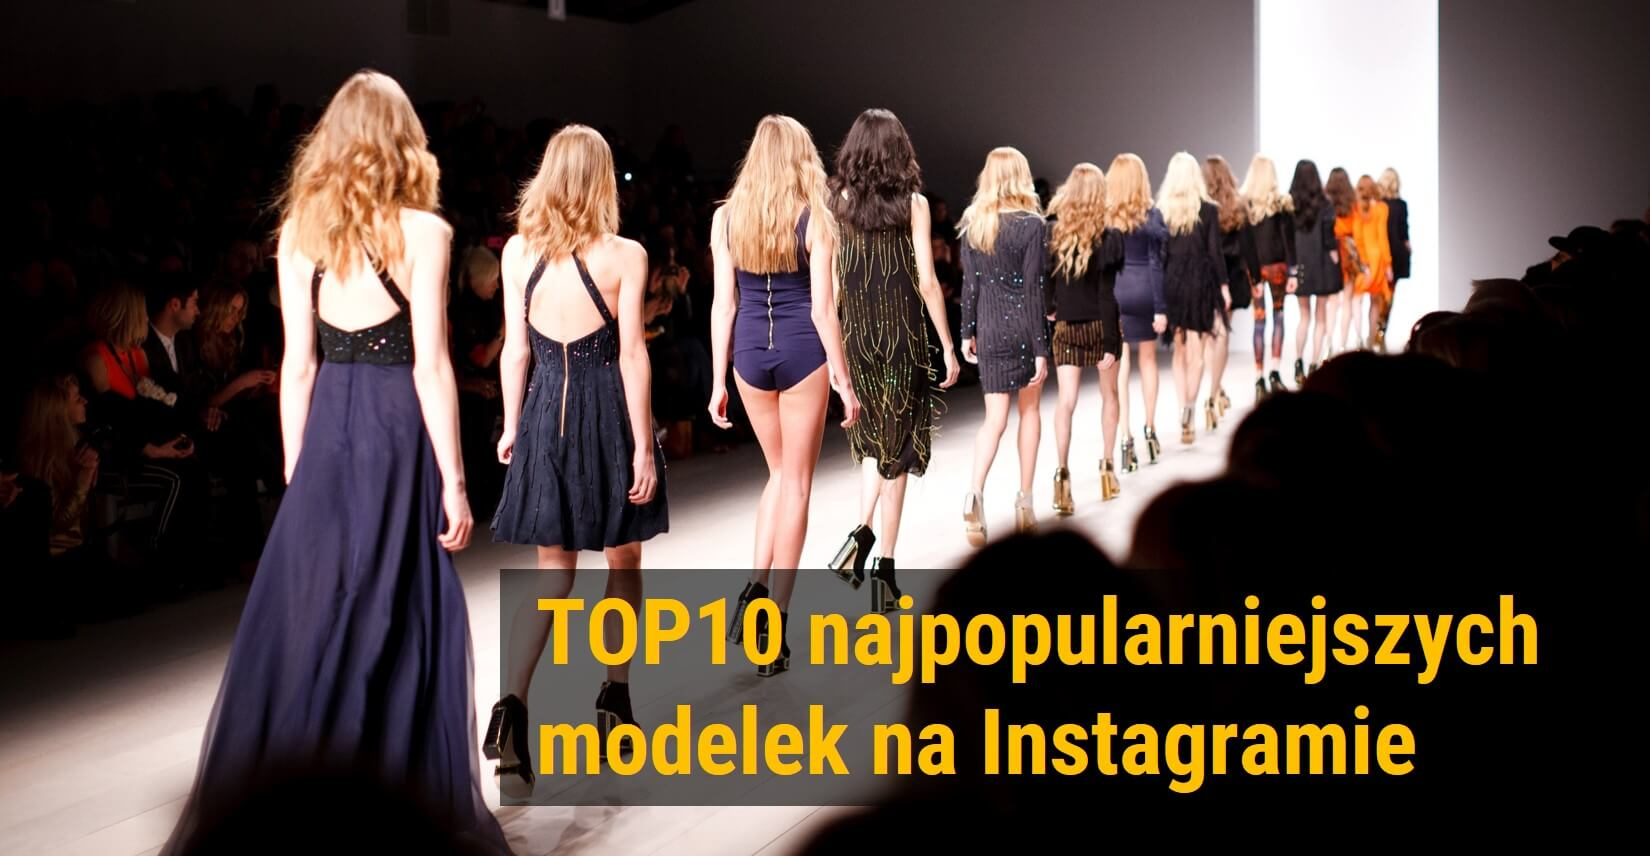 TOP10-najpopularniejszych-modelek-na-Instagramie_analiza-Instagrama-w-NapoleonCat_201701